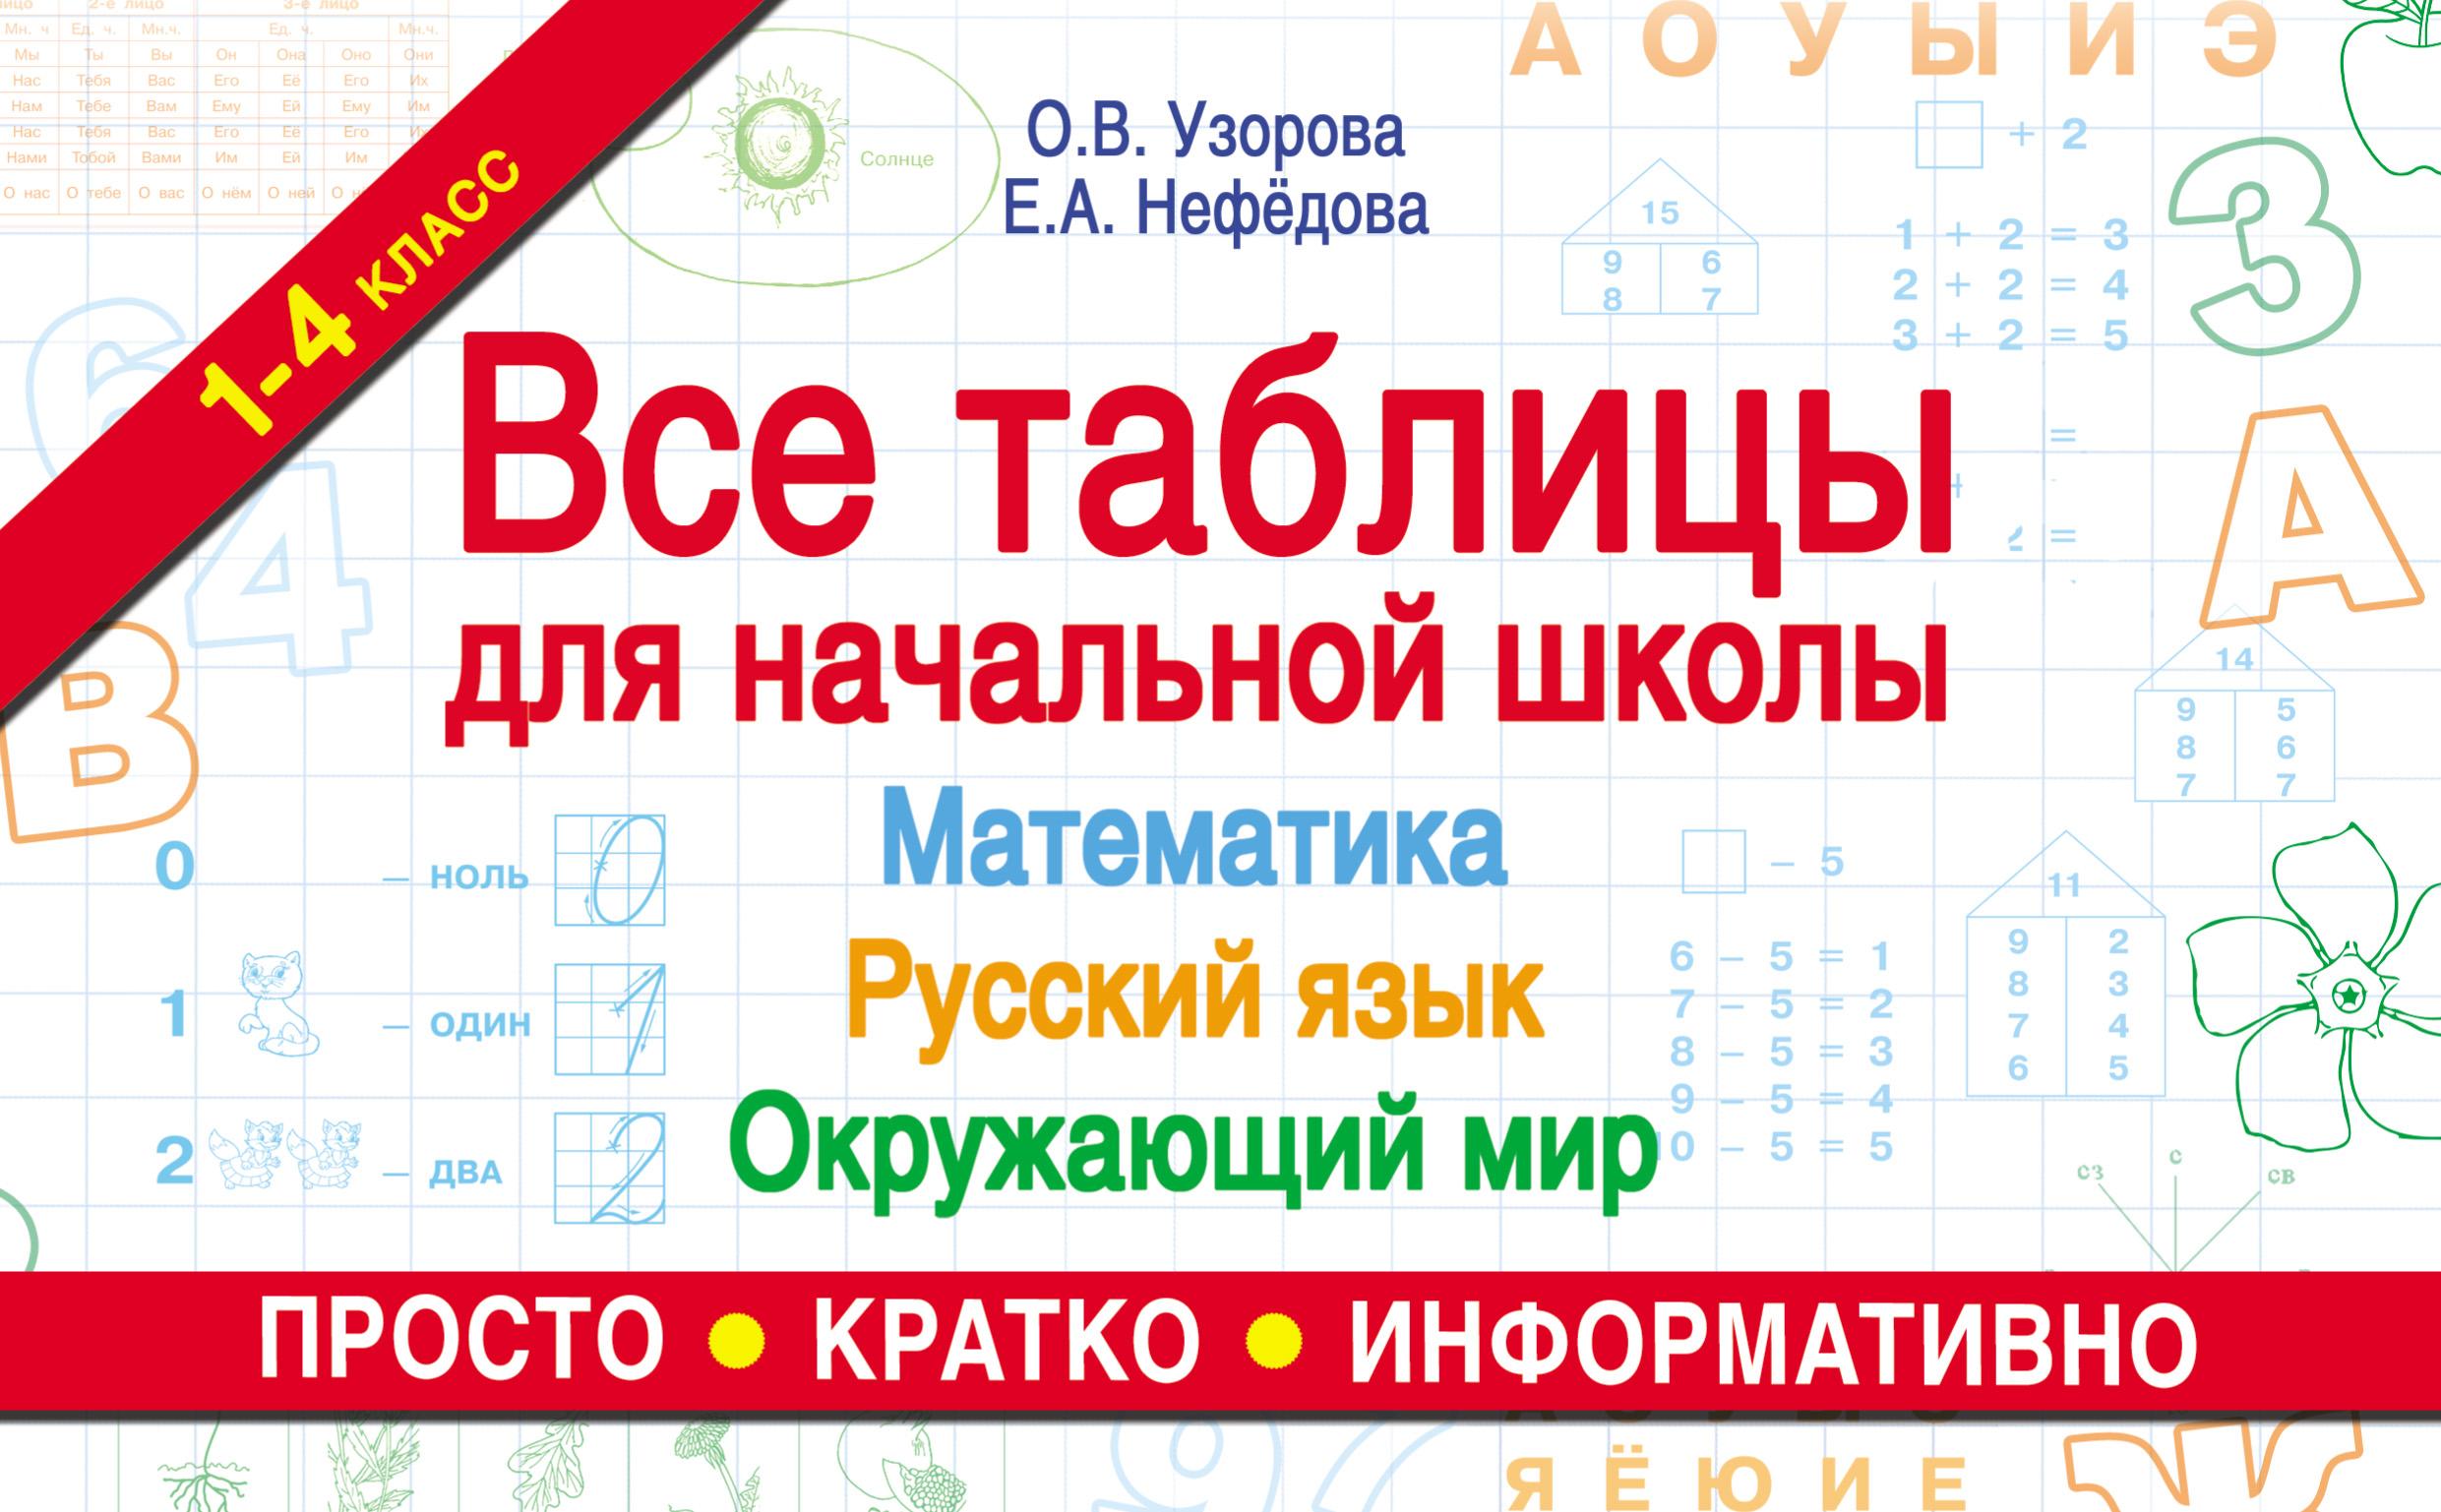 О. В. Узорова Все таблицы для начальной школы. Математика, русский язык, окружающий мир для школы нужна временная или постоянная регистрация